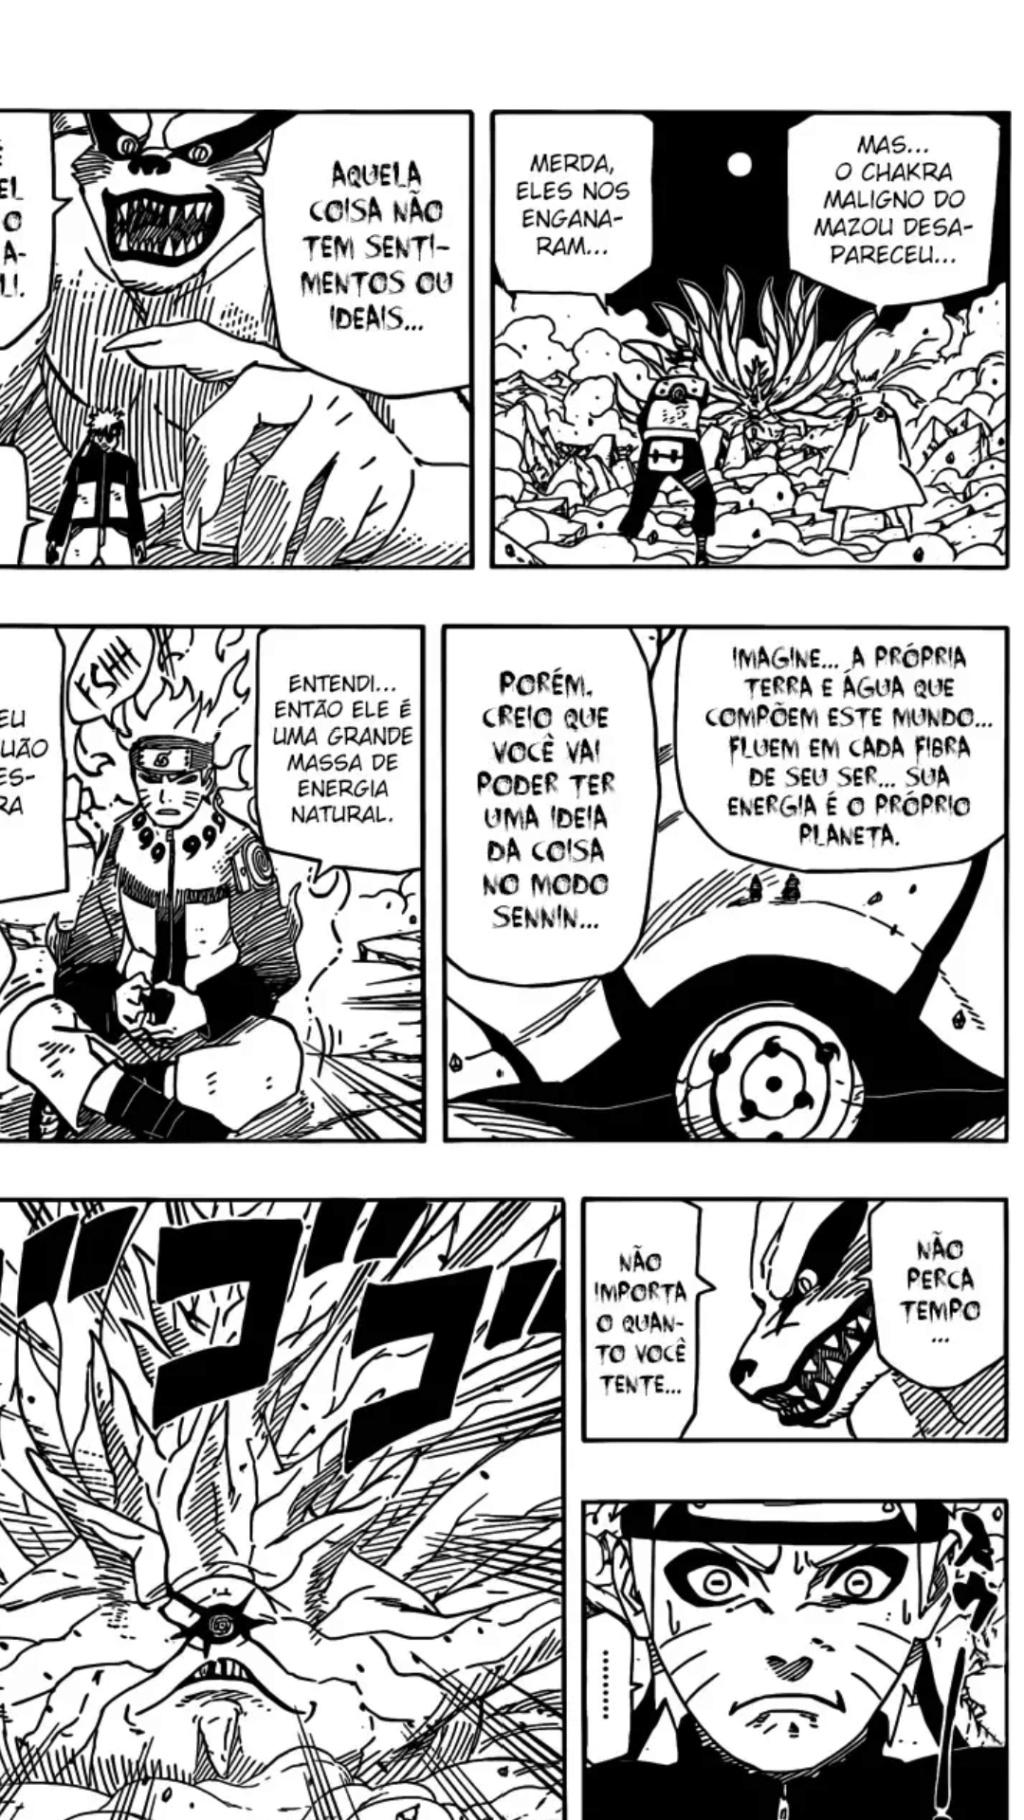 E se o Hashirama recebesse up do Hagoromo? - Página 3 Screen18